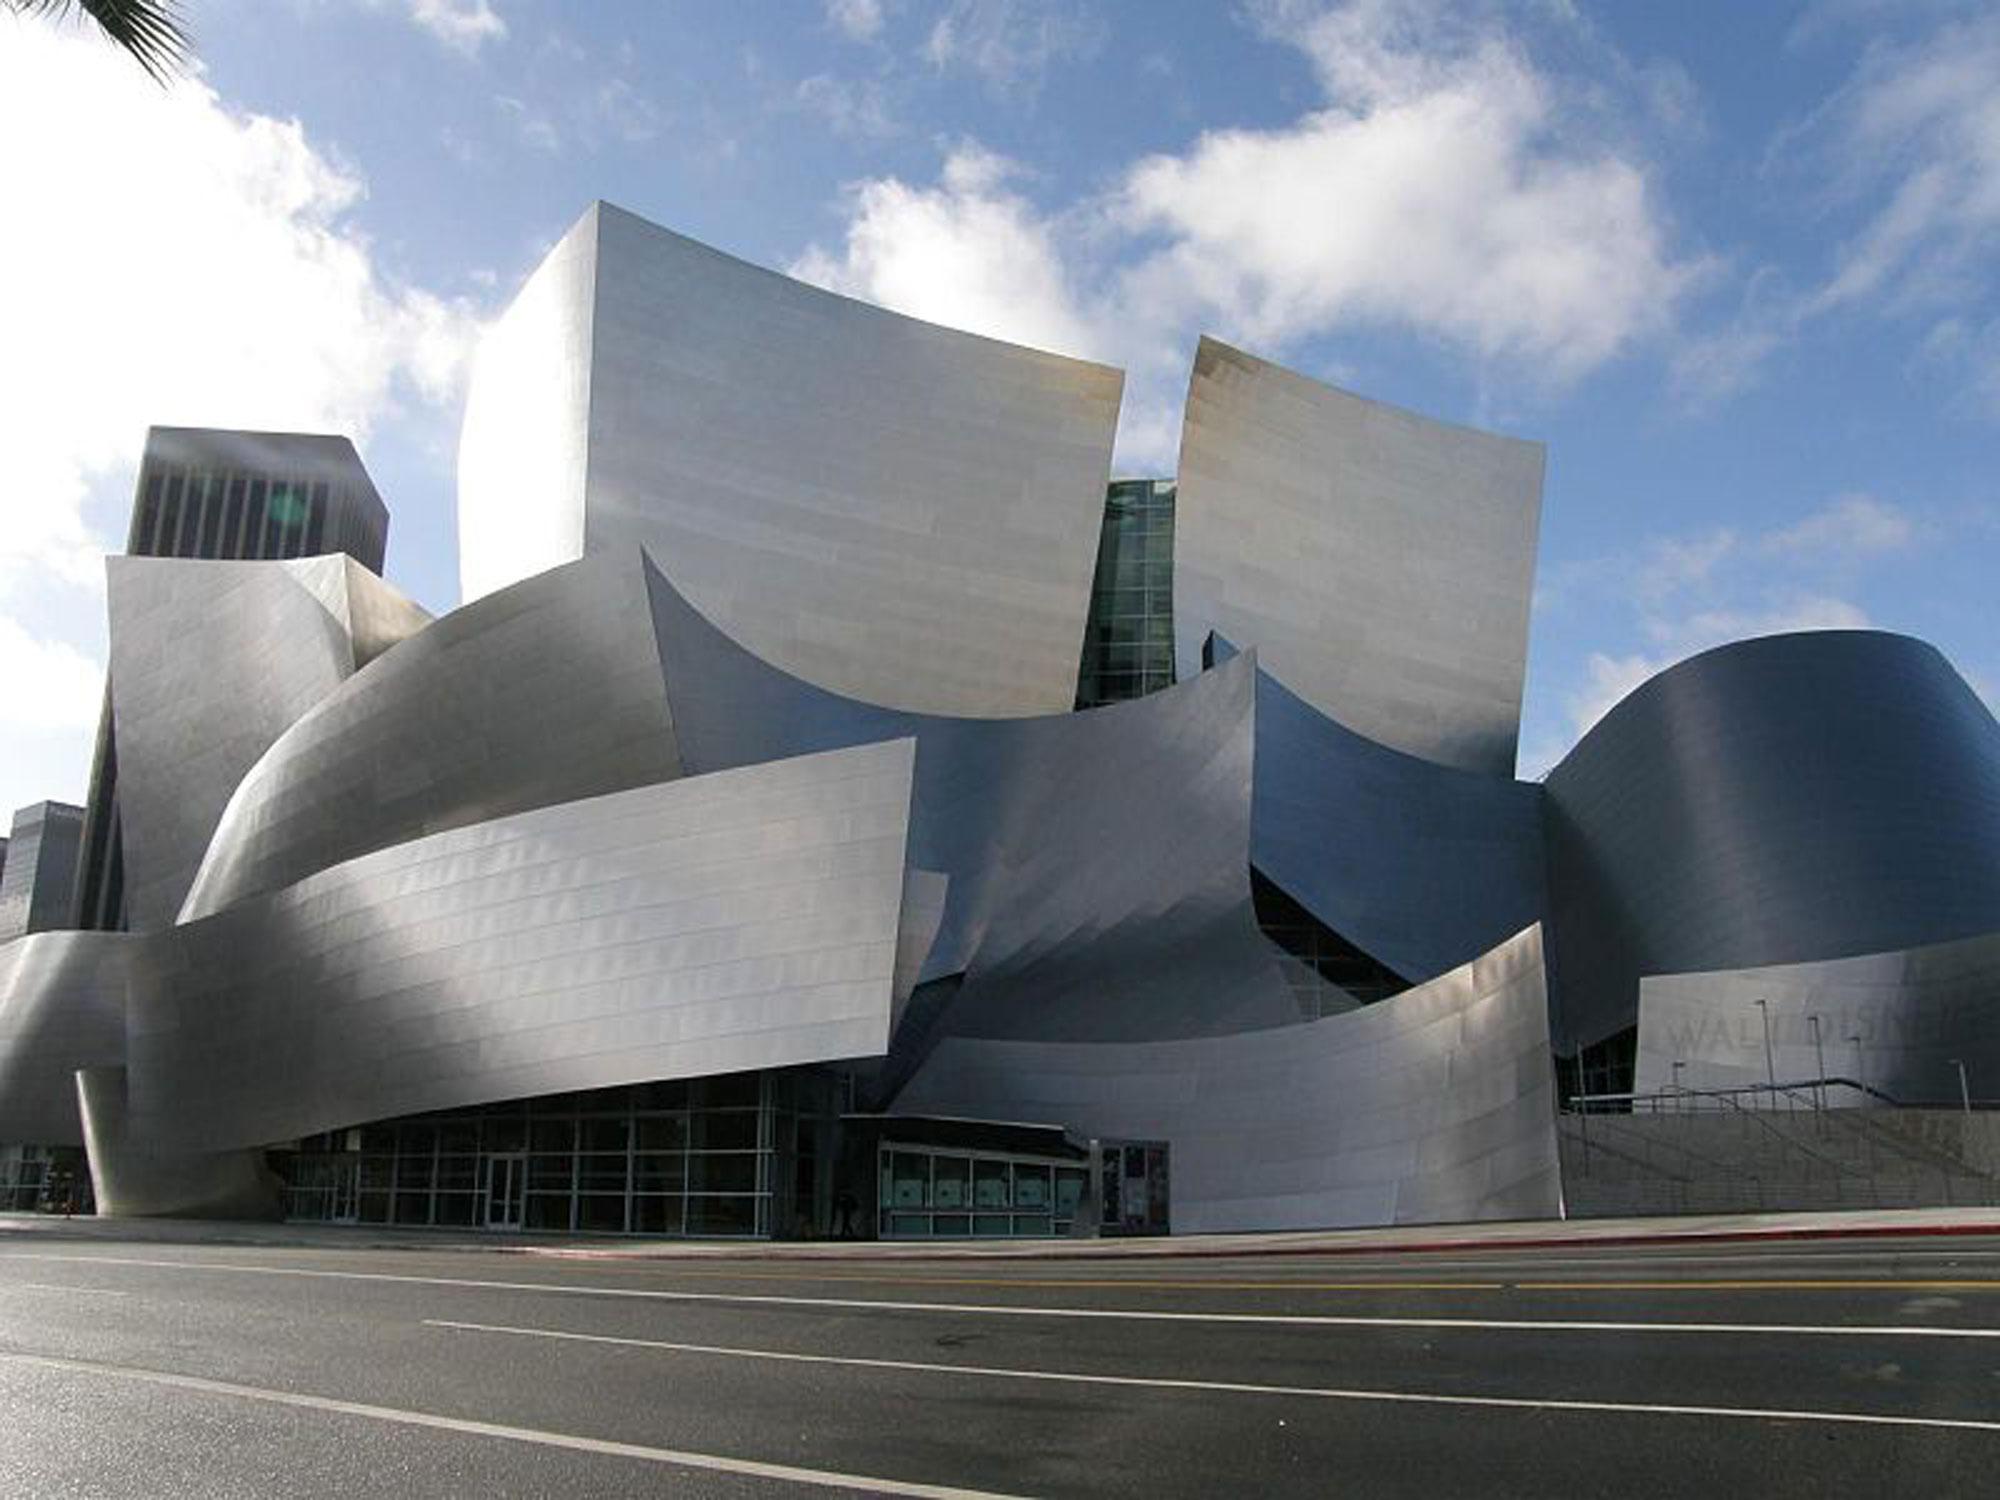 طراحی عجیب و زیبای تالار کنسرت والت دیزنی در لس انجلس ...